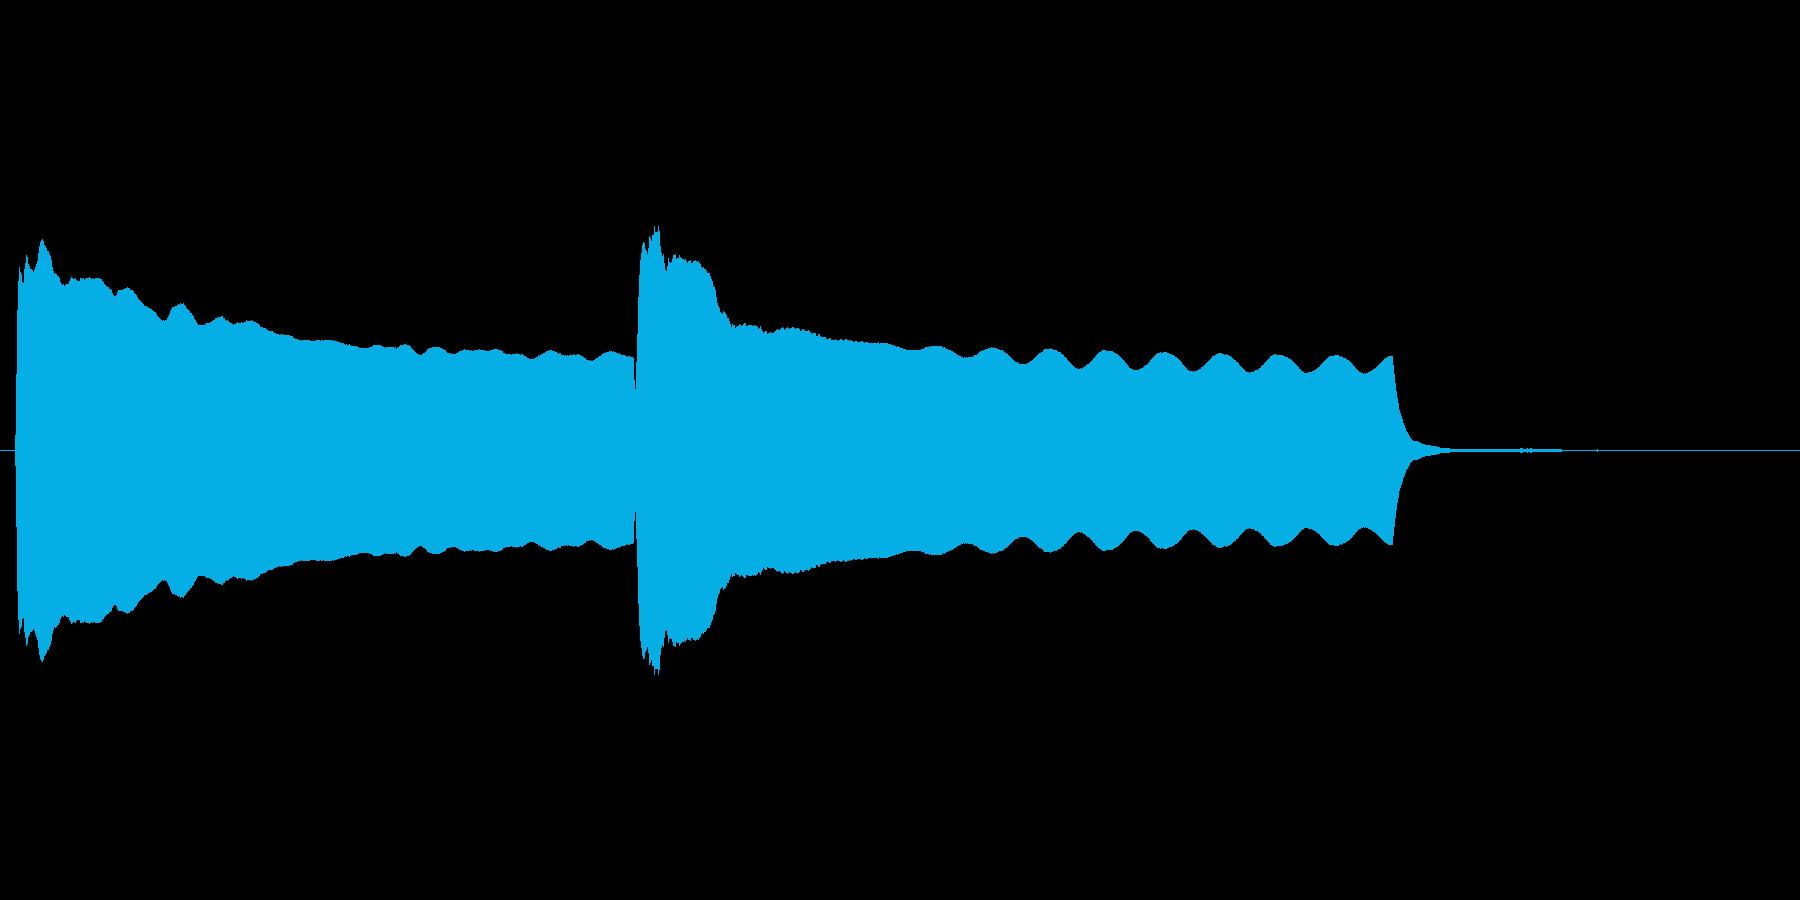 昔懐かしい豆腐屋の笛の音に似せた効果音の再生済みの波形